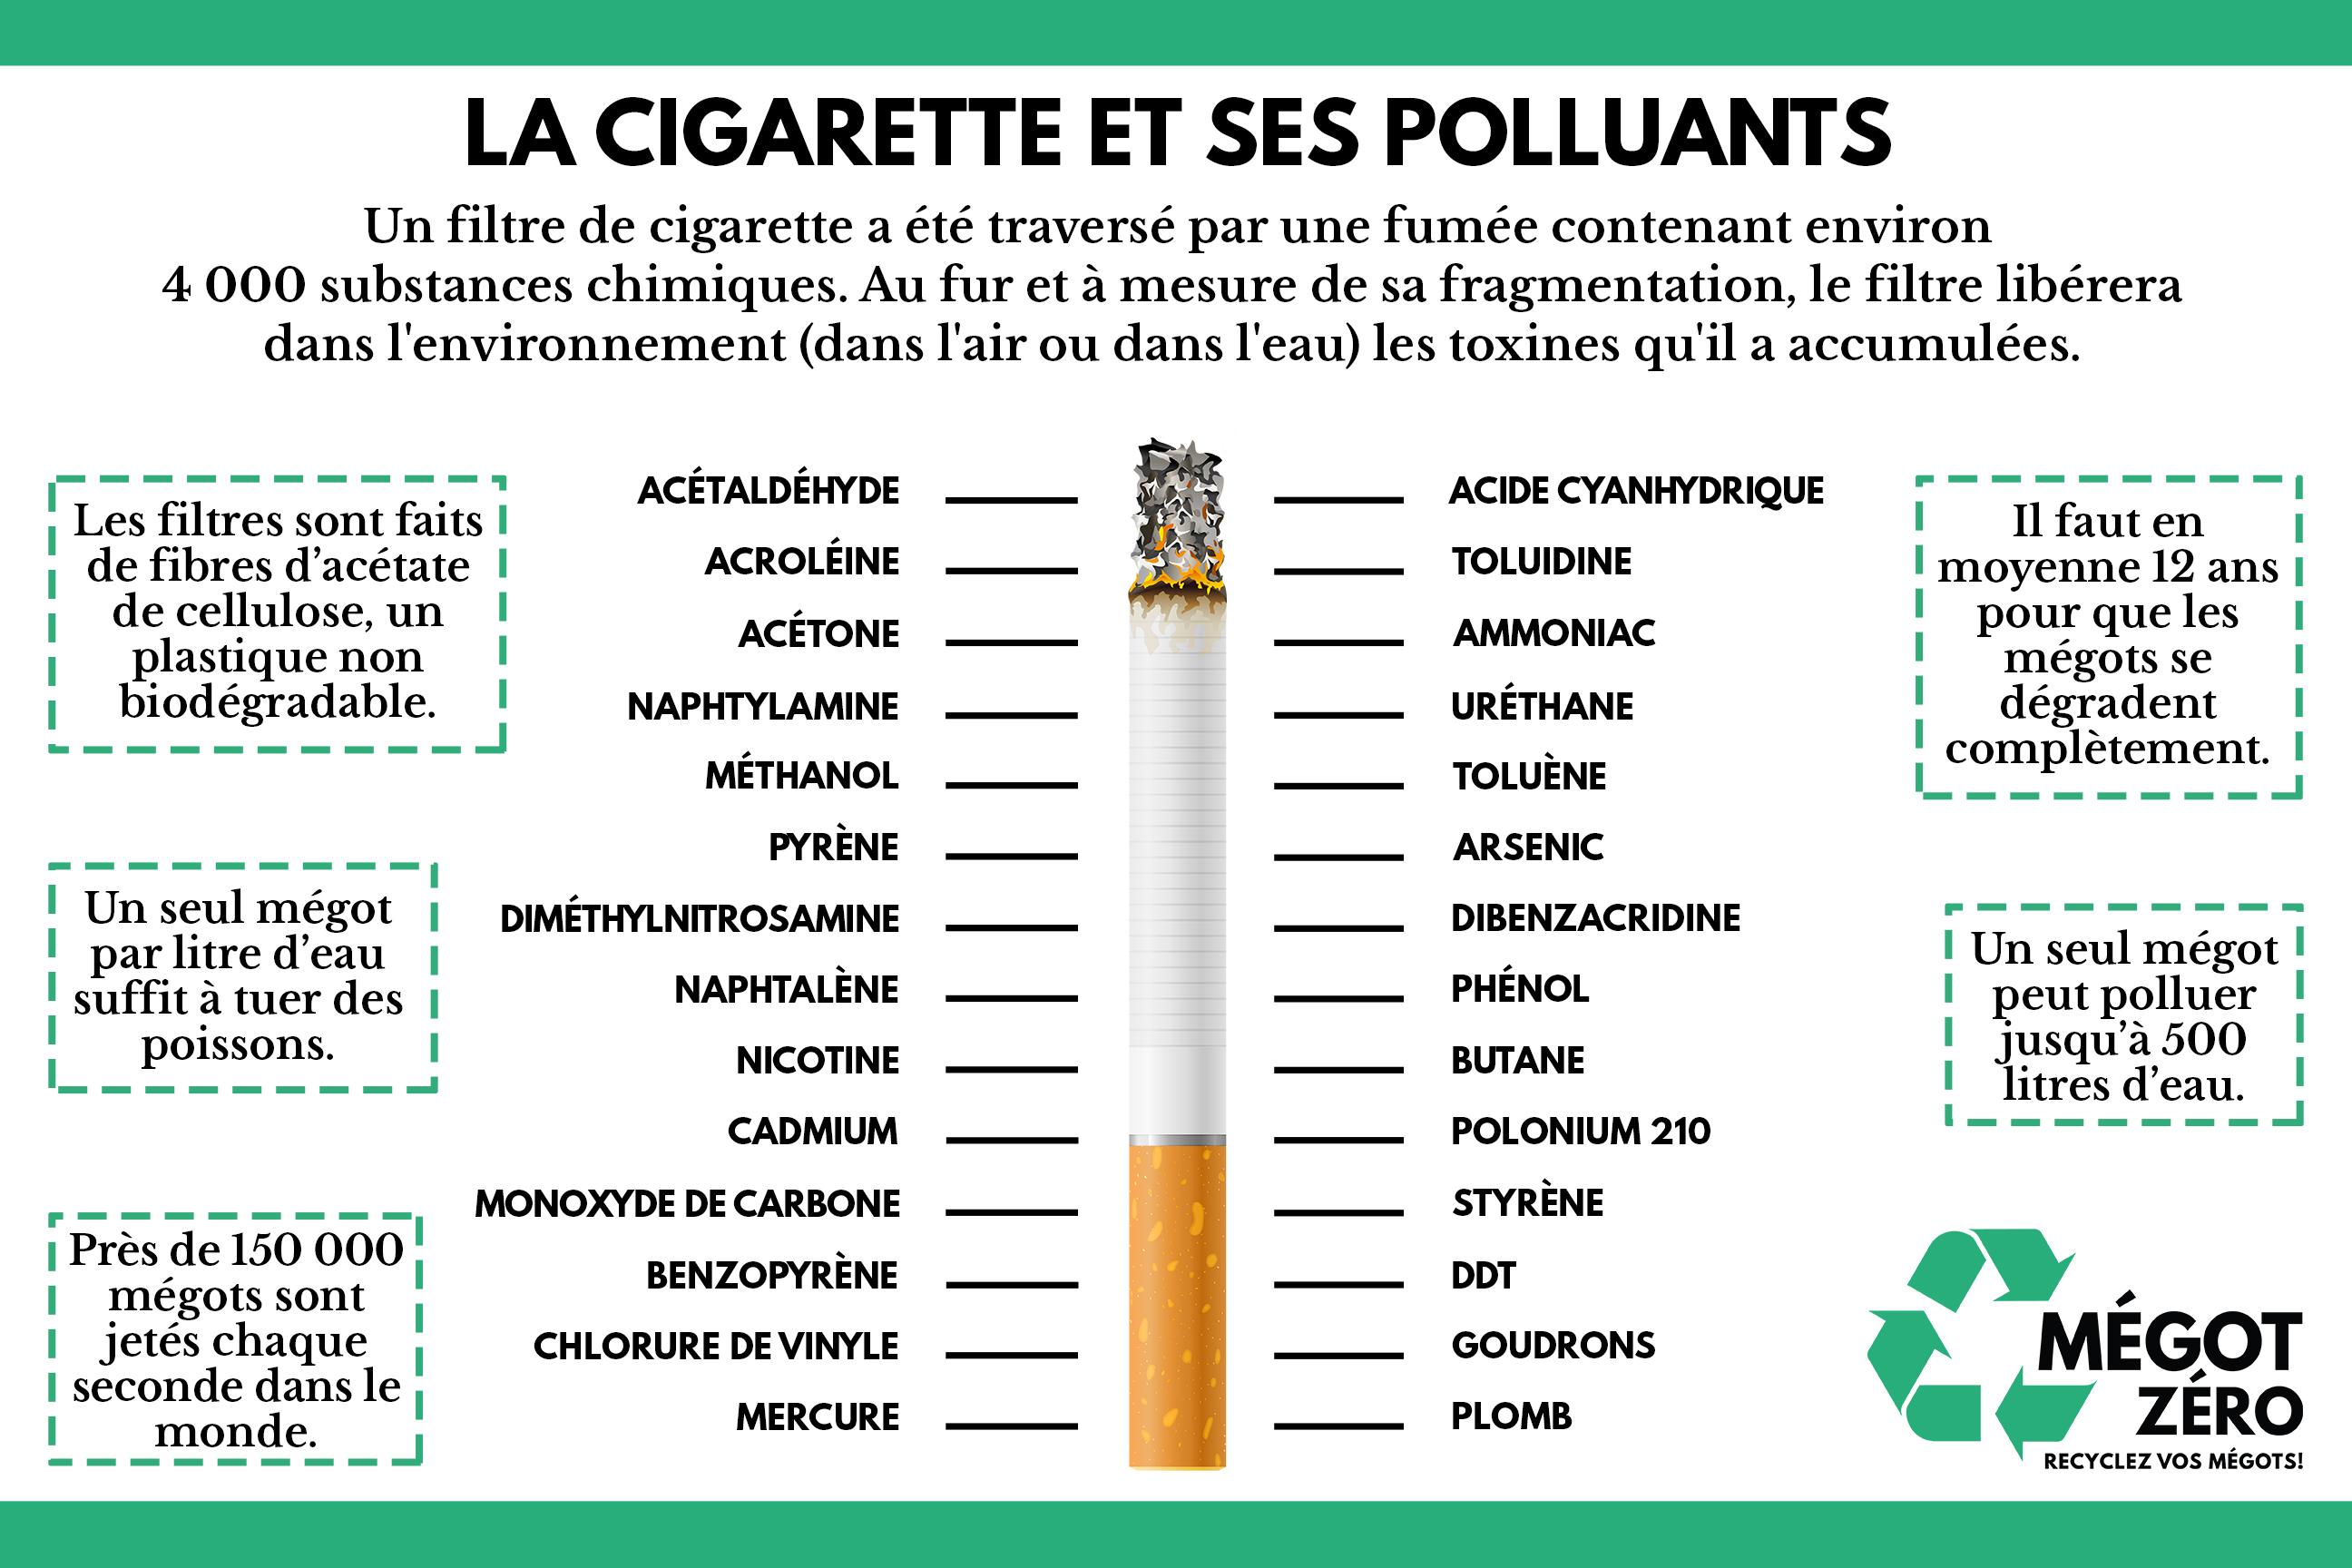 La cigarette et ses polluants